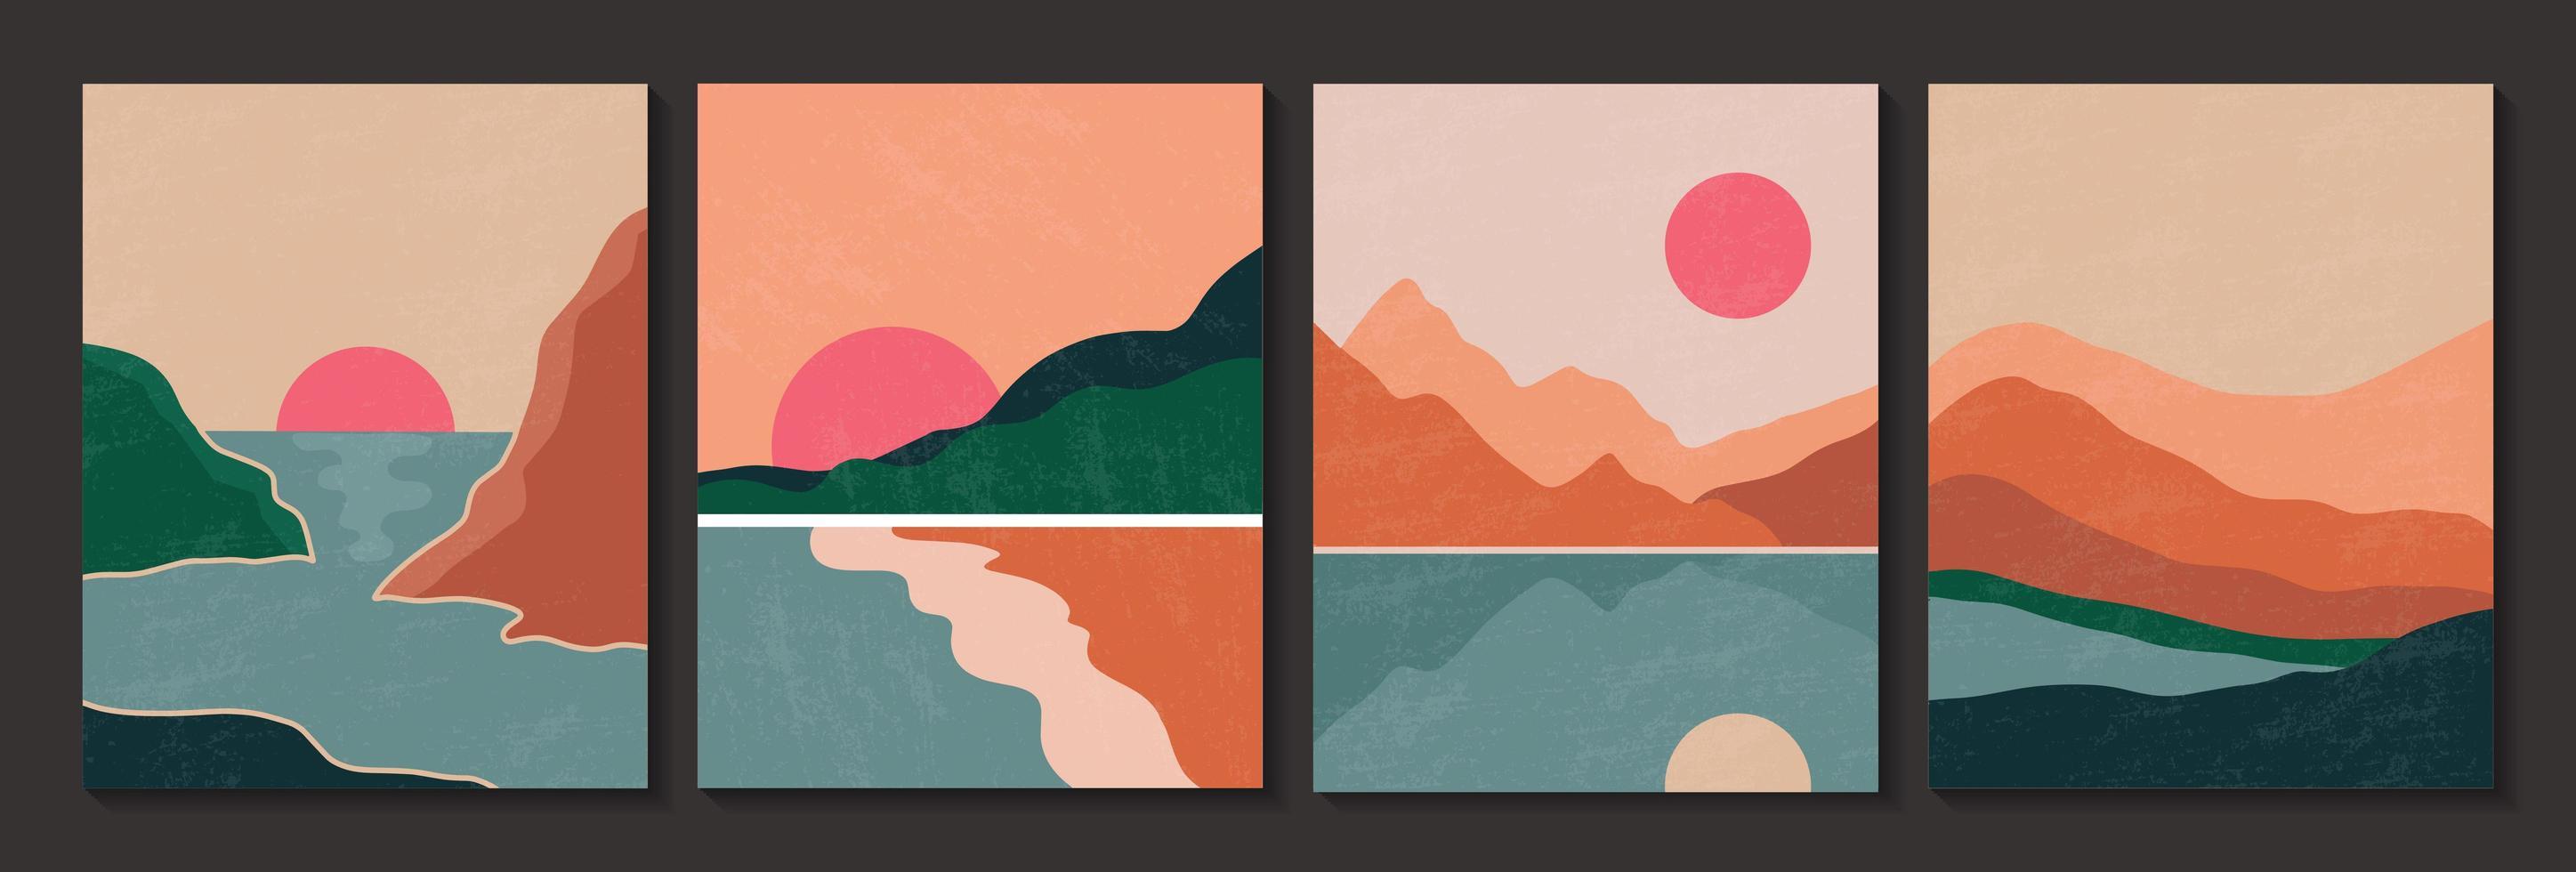 affiche de paysage contemporain abstrait avec texture vecteur